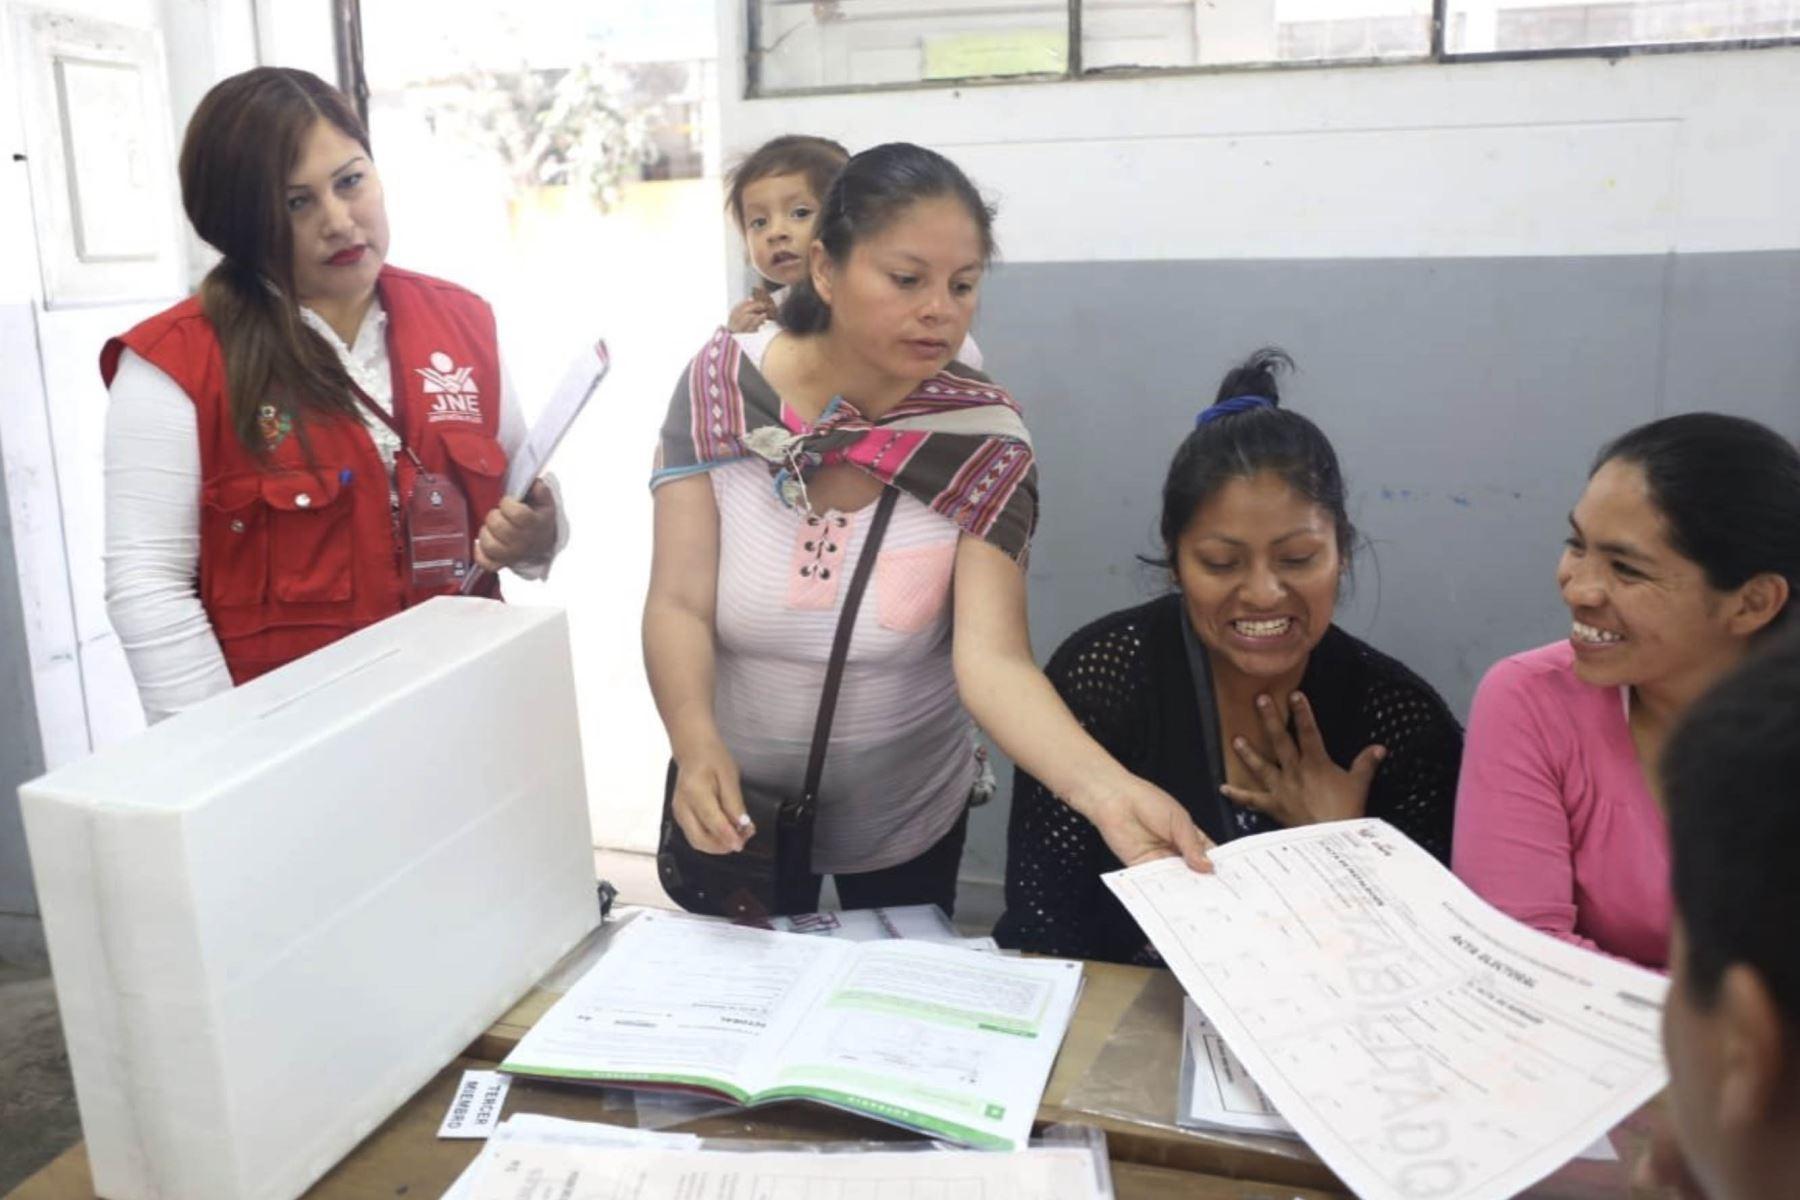 El JNE fiscaliza la primera jornada de capacitación a miembros de mesa, titulares y suplentes, que realiza la ONPE en 2900 locales de votación habilitados en todo el país para las Elecciones Congresales Extraordinarias 2020.  Foto: Difusión JNE